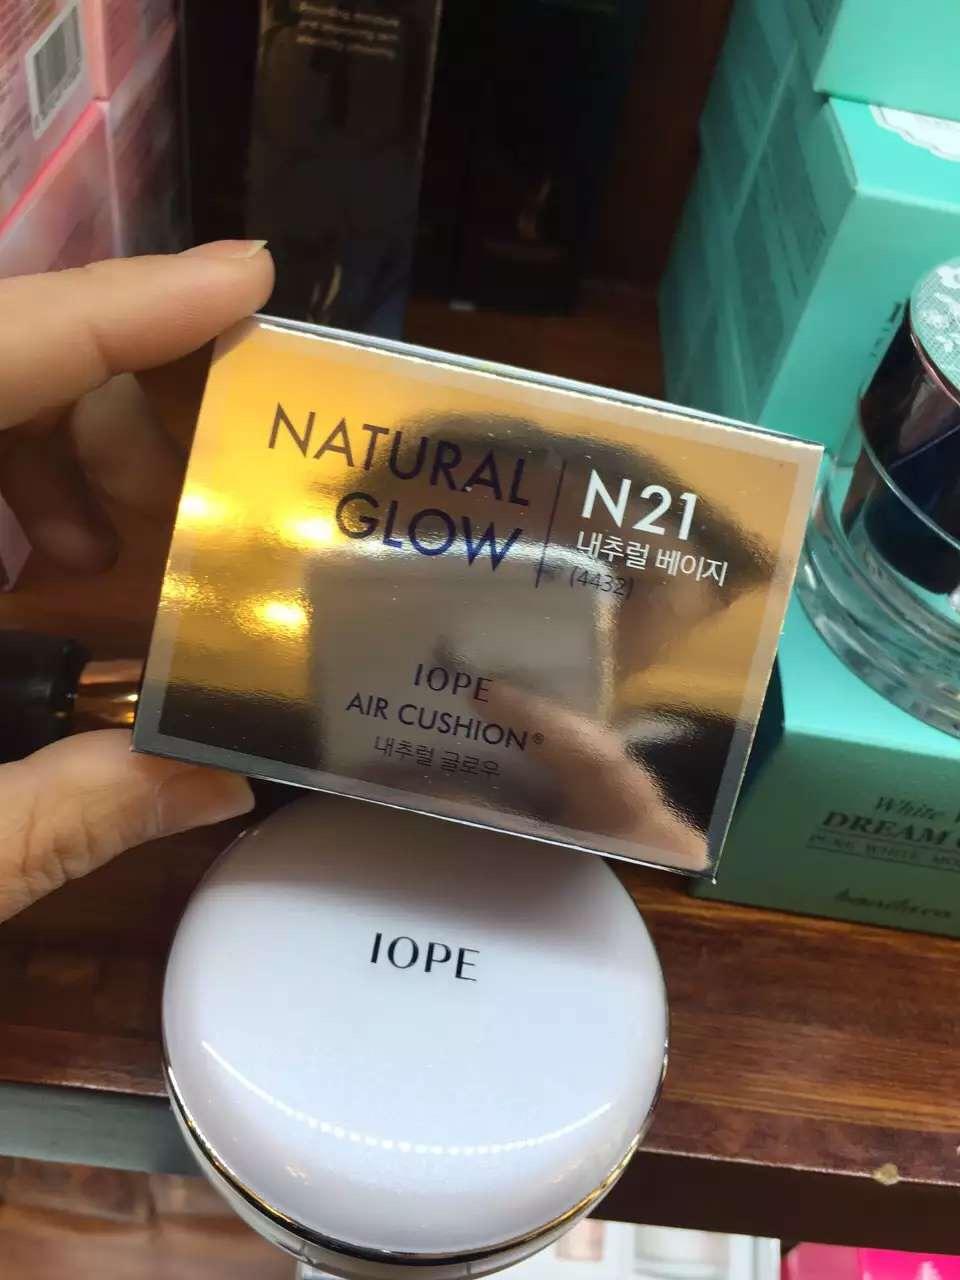 韩国化妆品赫拉和亦博气垫bb霜真假对比